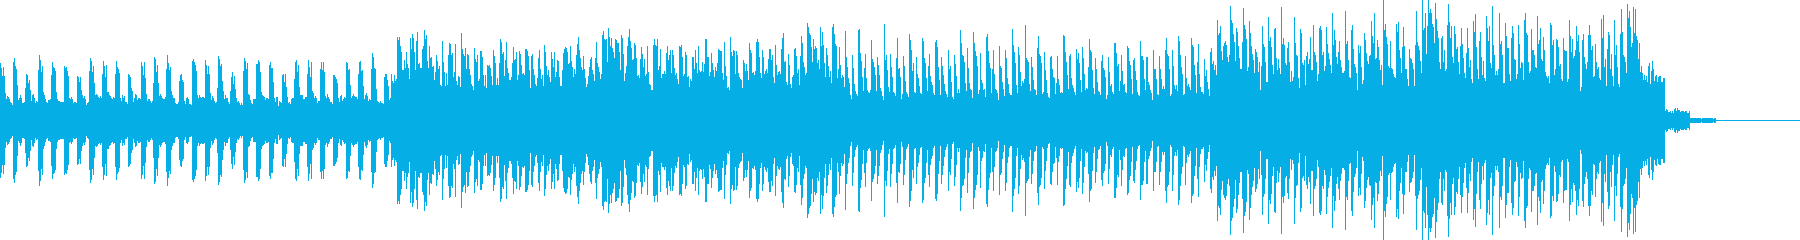 幻想的テクノシンキングタイム 60秒の再生済みの波形